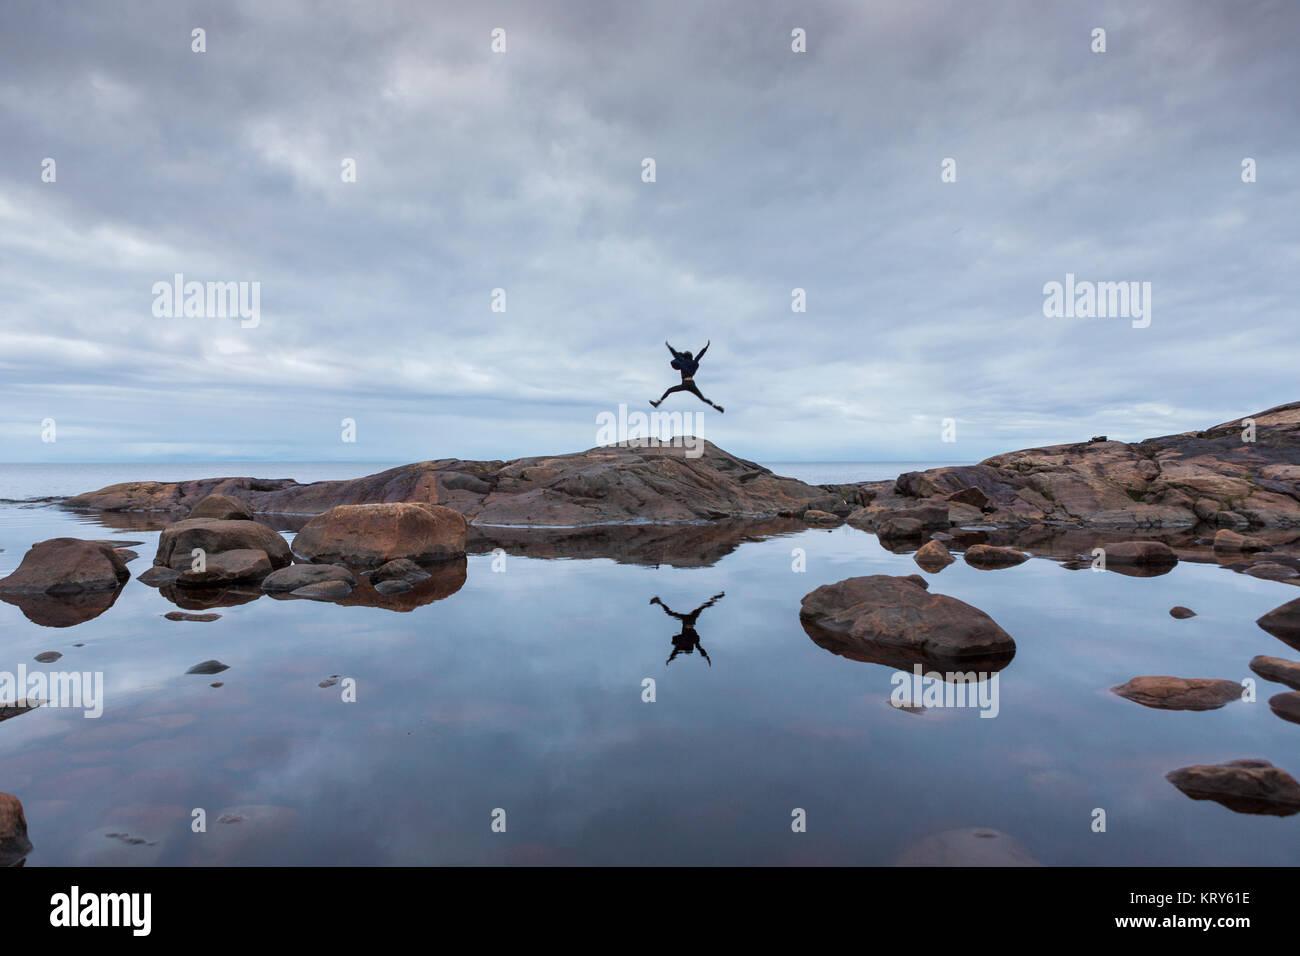 Frau springen auf Rock am See im Vasterbotten, Schweden Stockfoto